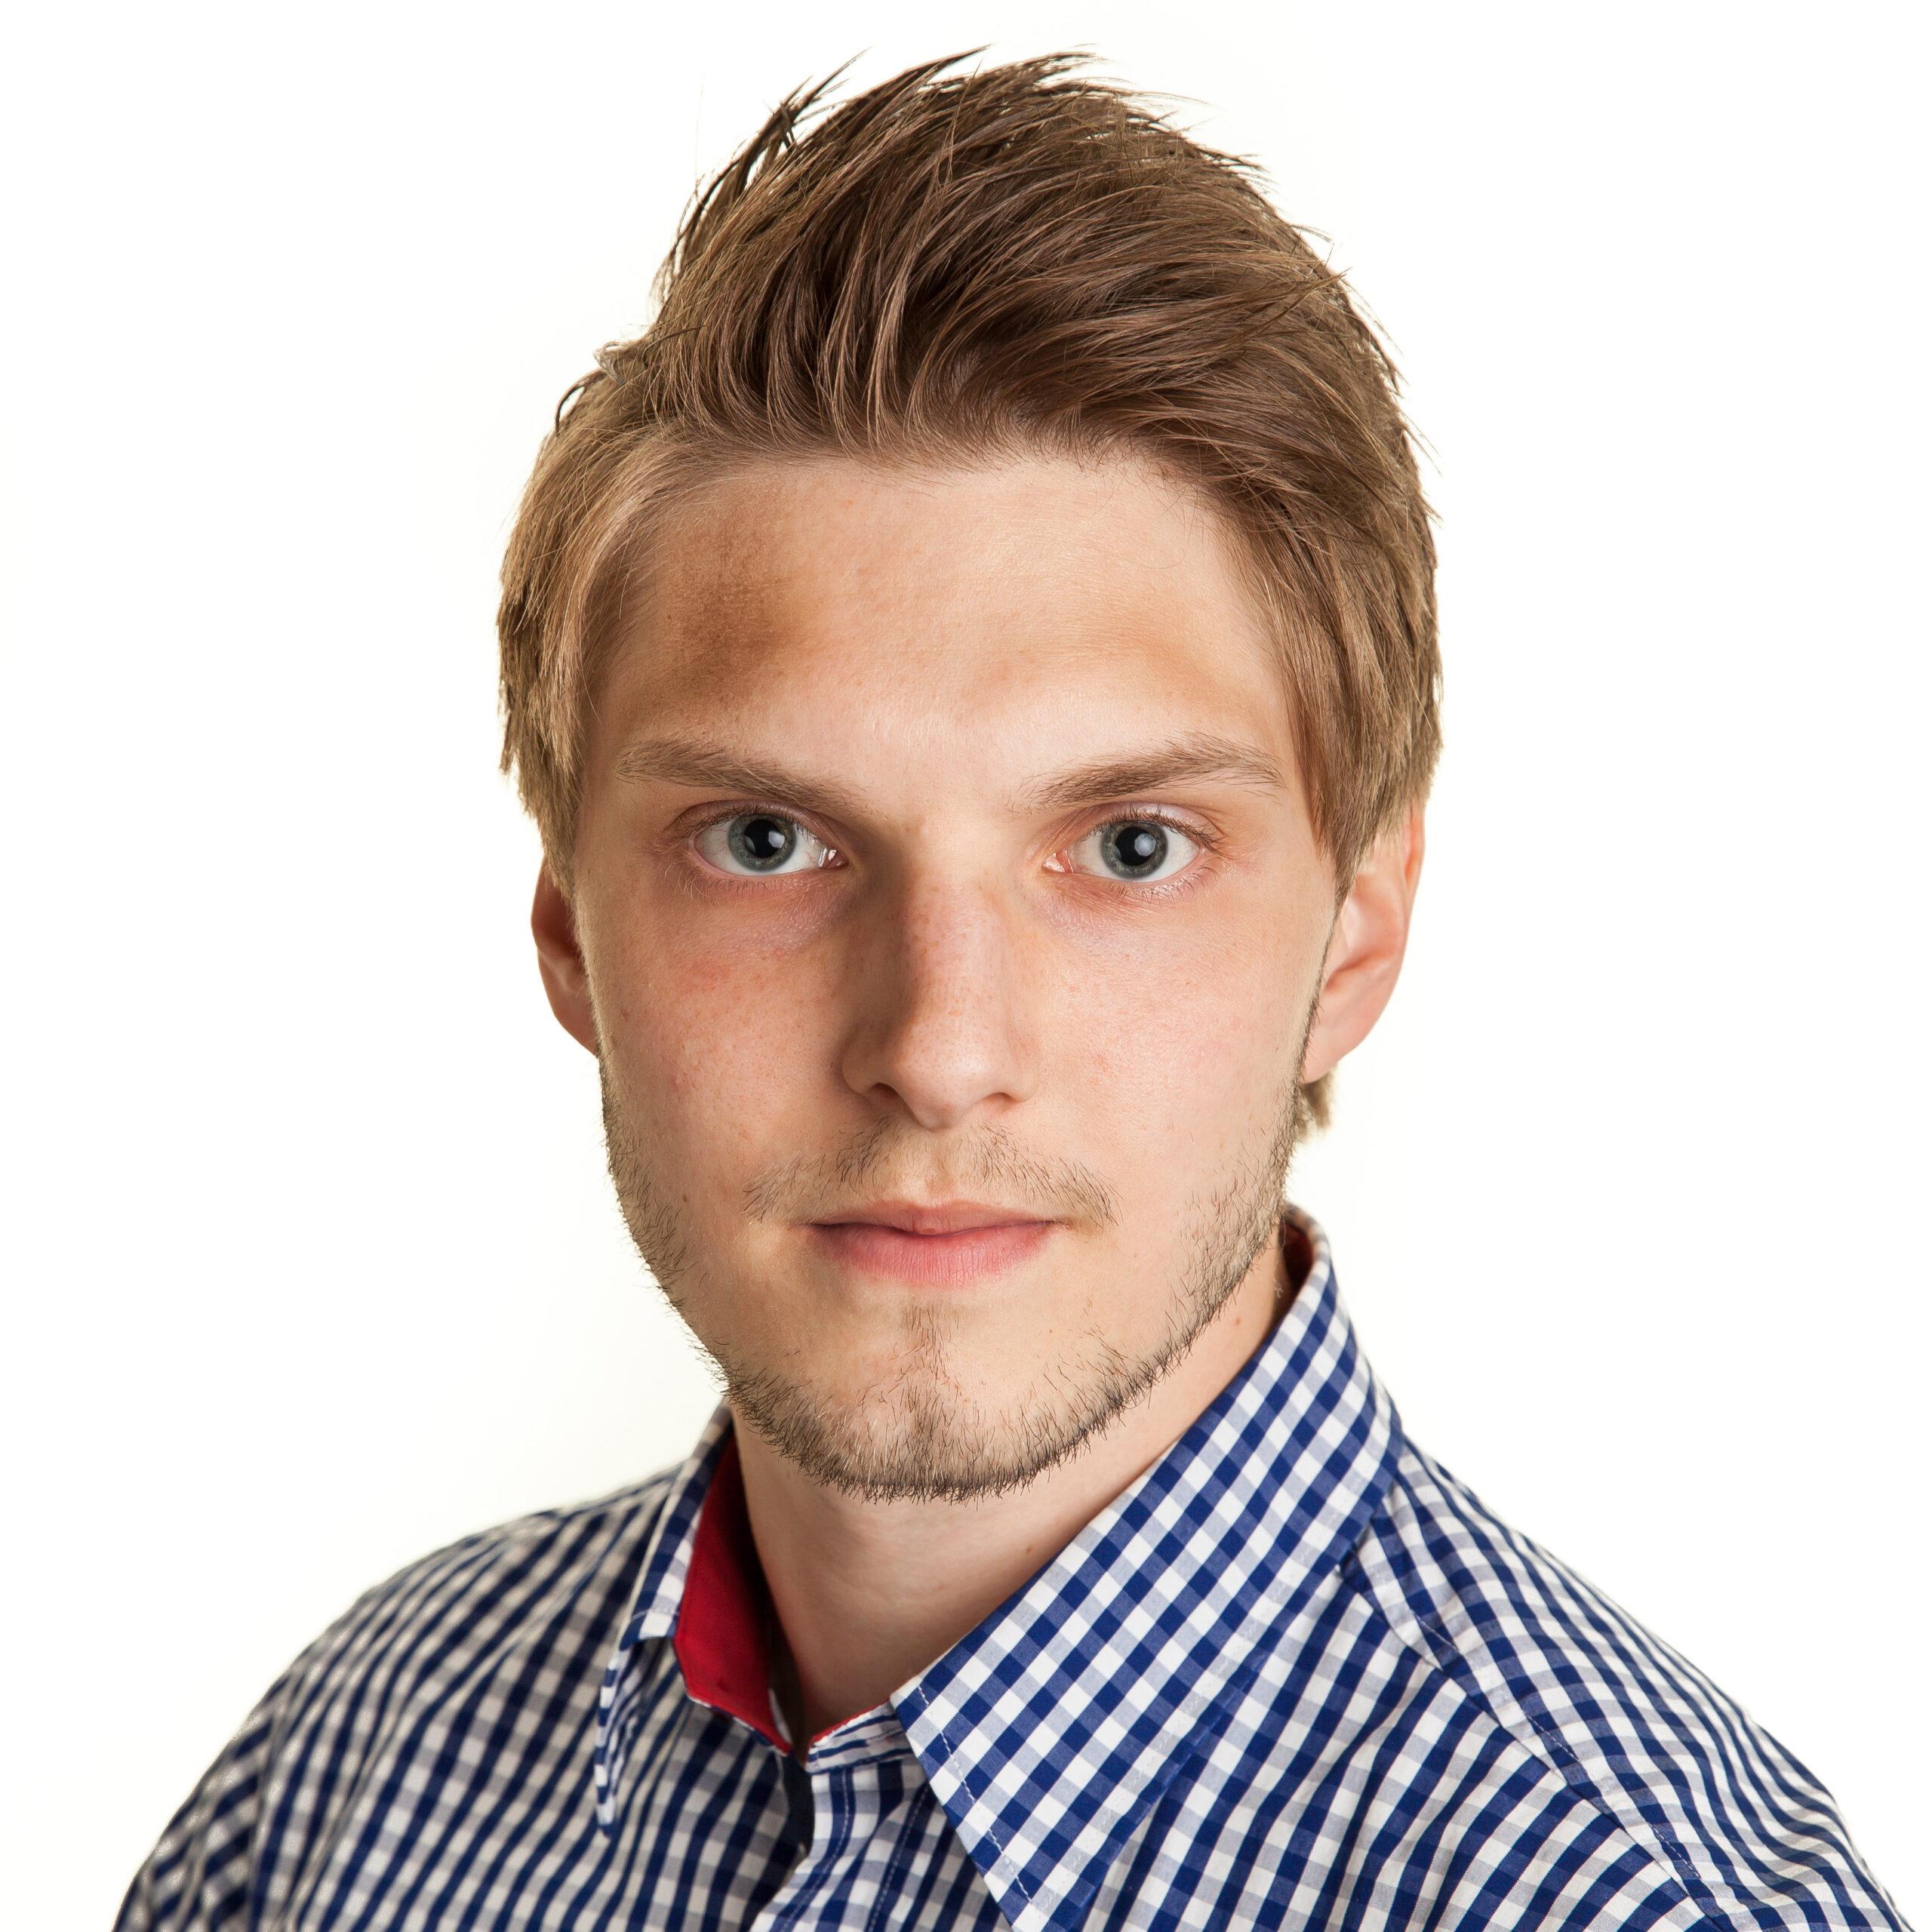 Oscar Lennerhag